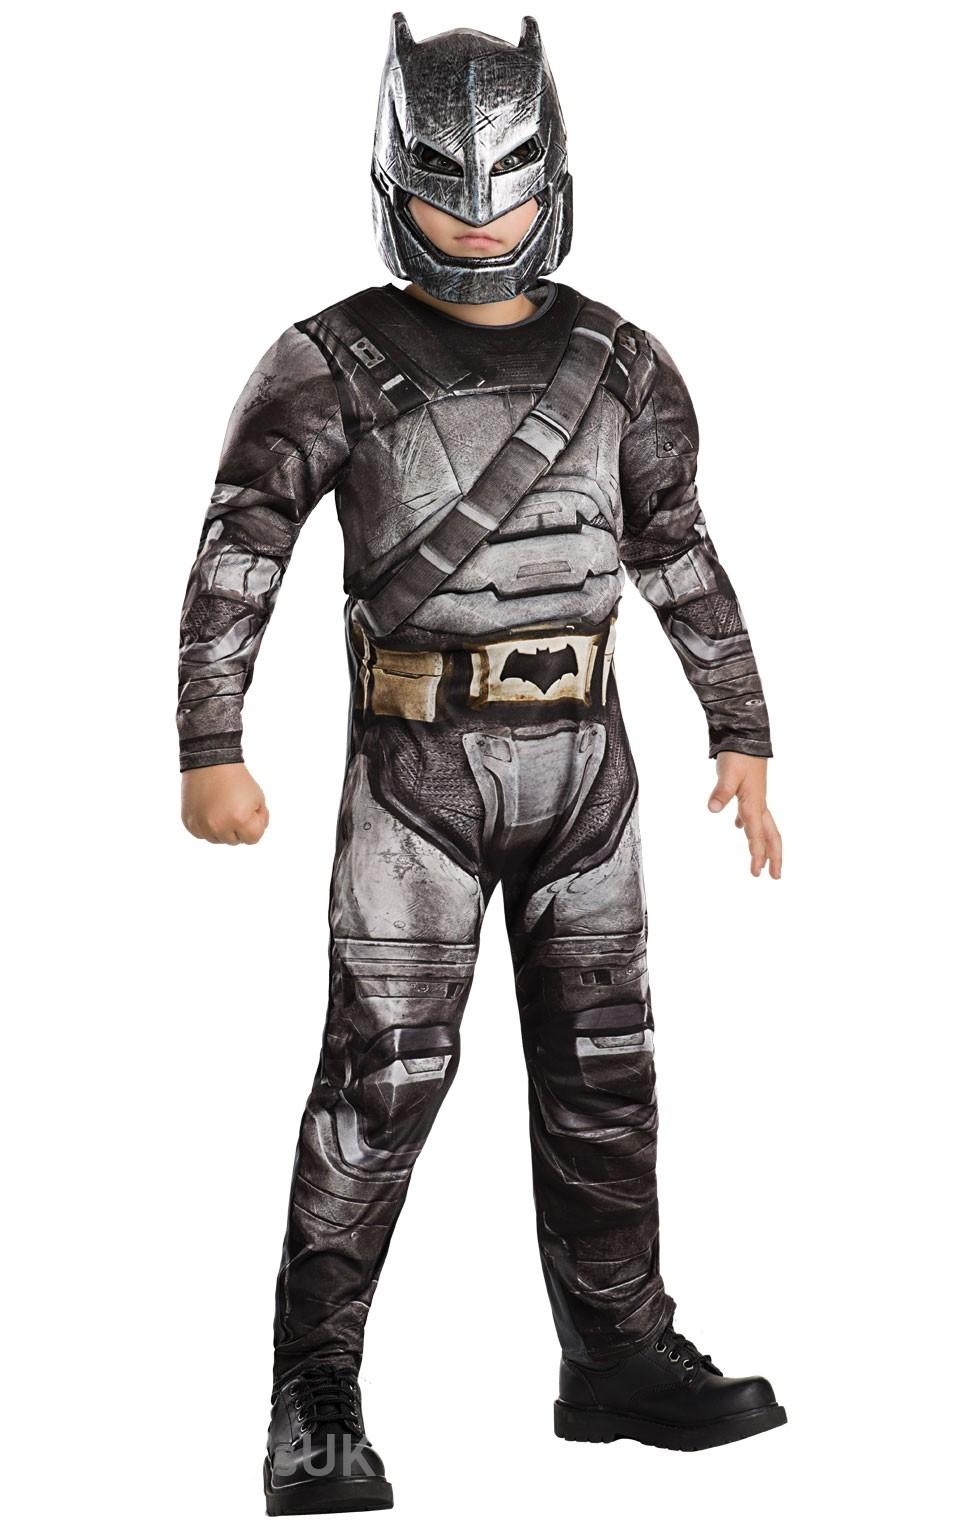 Детский костюм Бэтмена Бронированный Dlx (30-32) детский костюм озорного клоуна 34